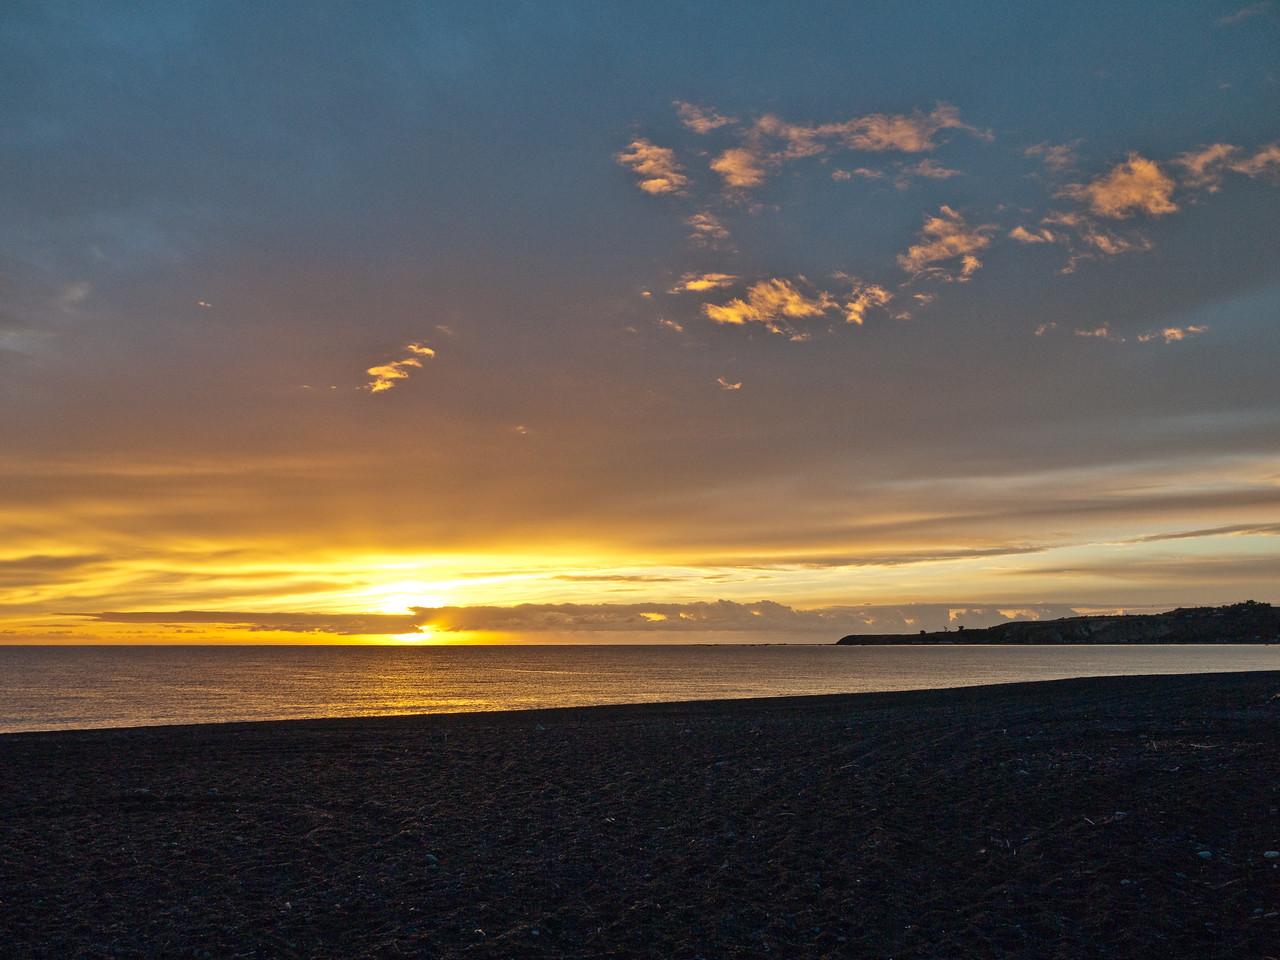 Sunrise over the beach at Kaikoura